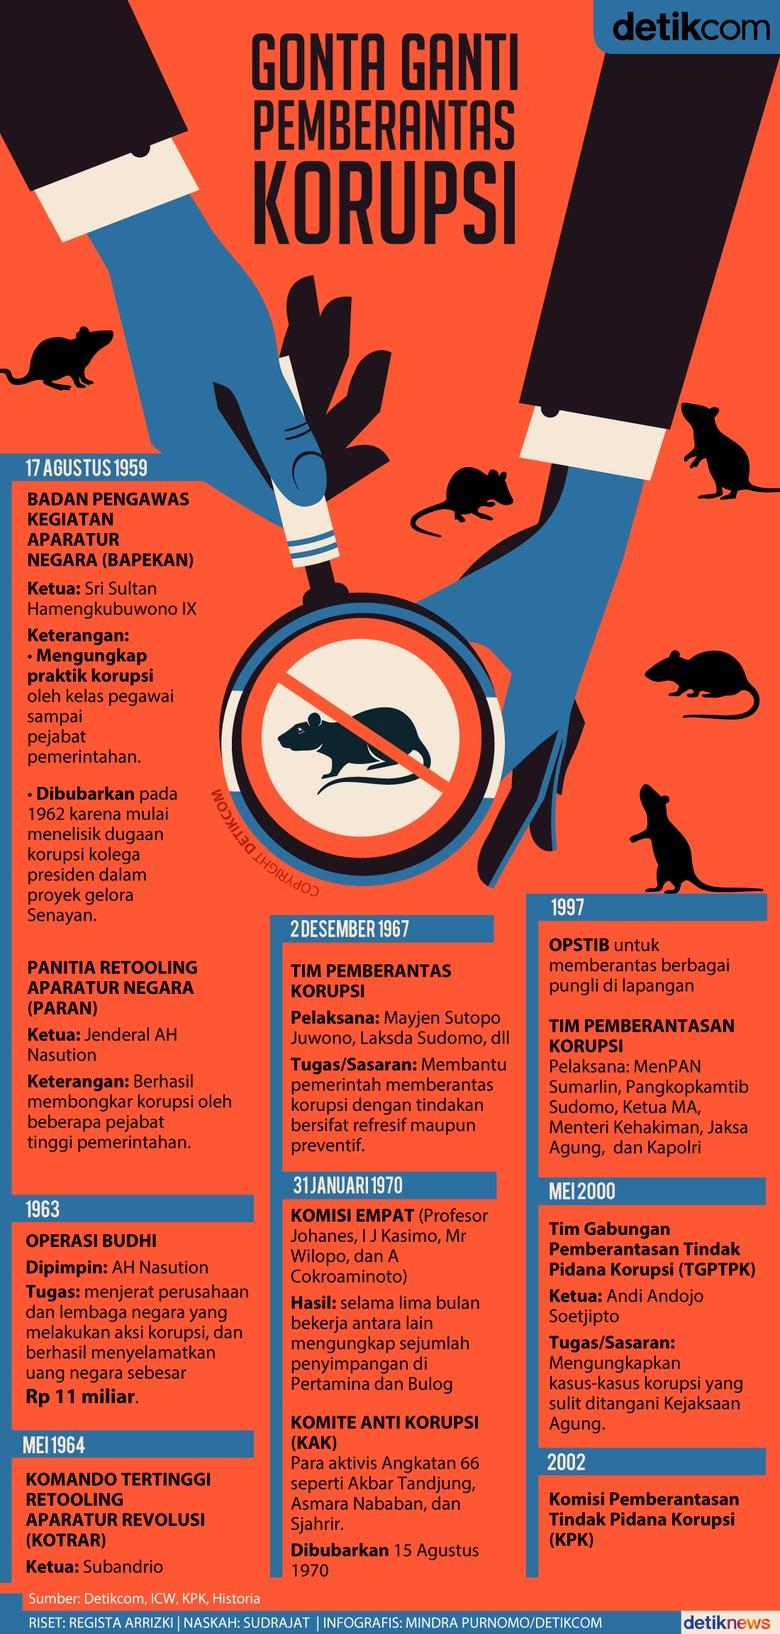 Sejak 1959, Indonesia Punya 8 Lembaga Pemberantas Korupsi